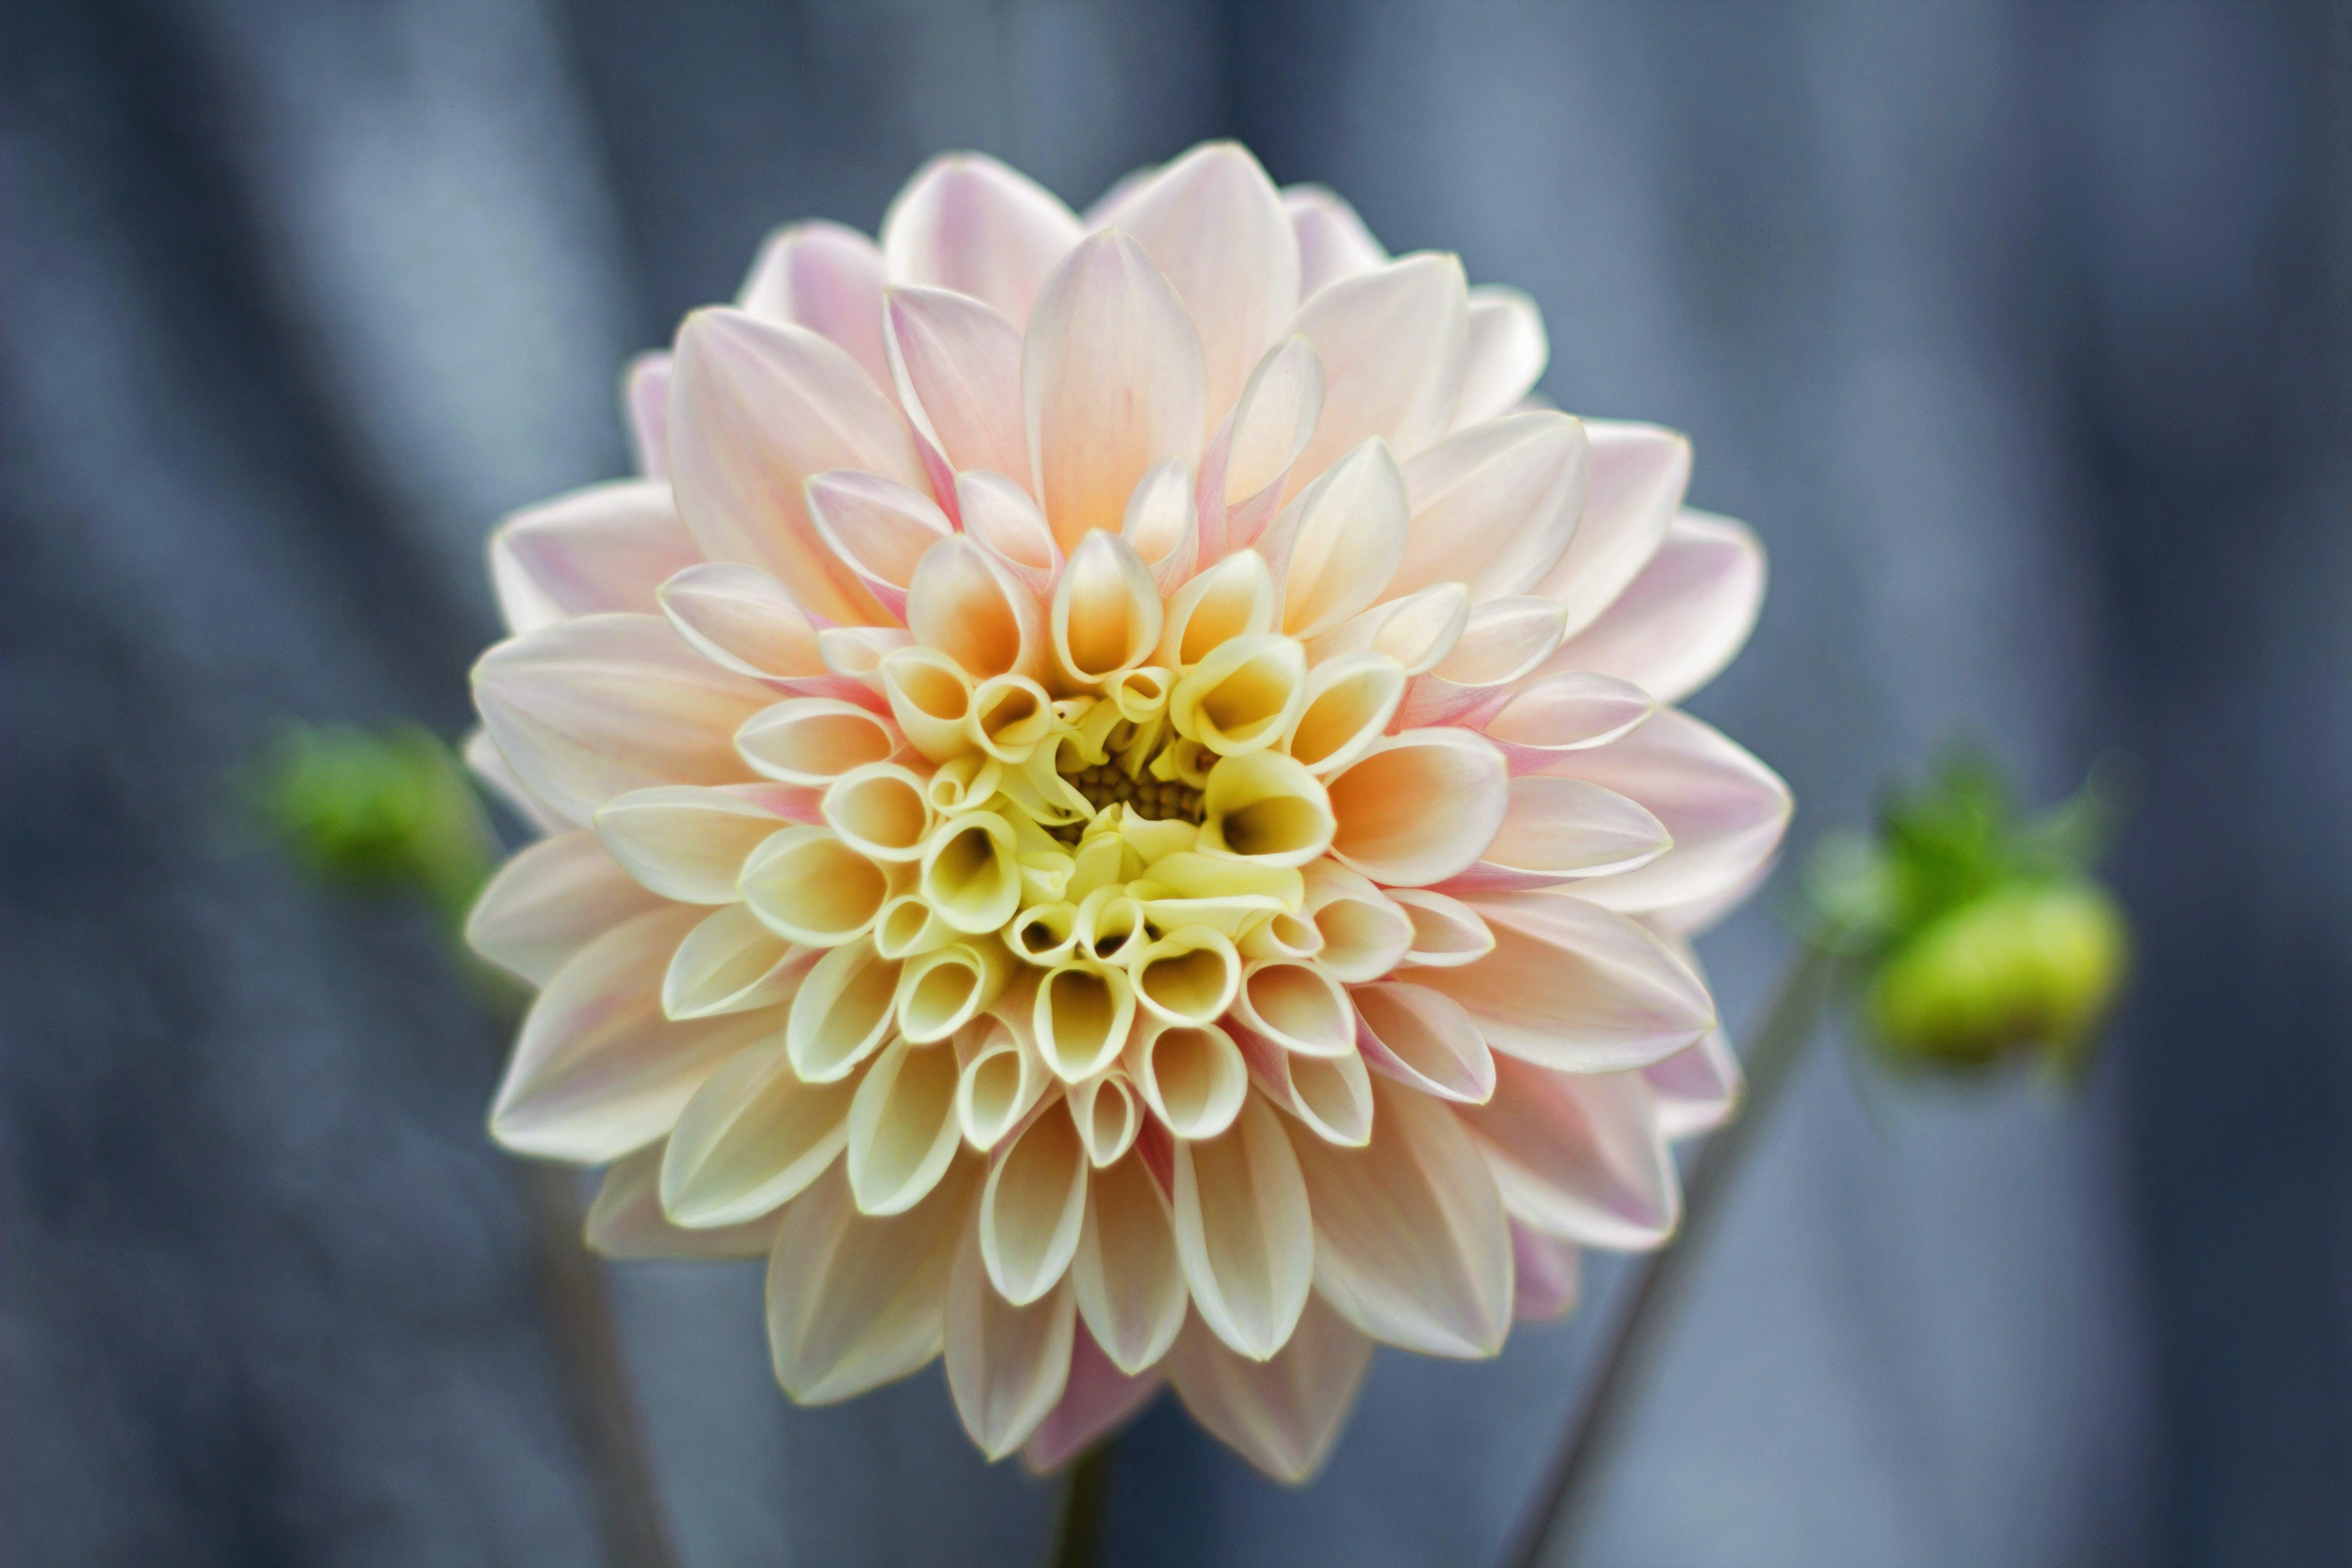 Kostnadsfri bild av blomma, blommig, blomning, delikat